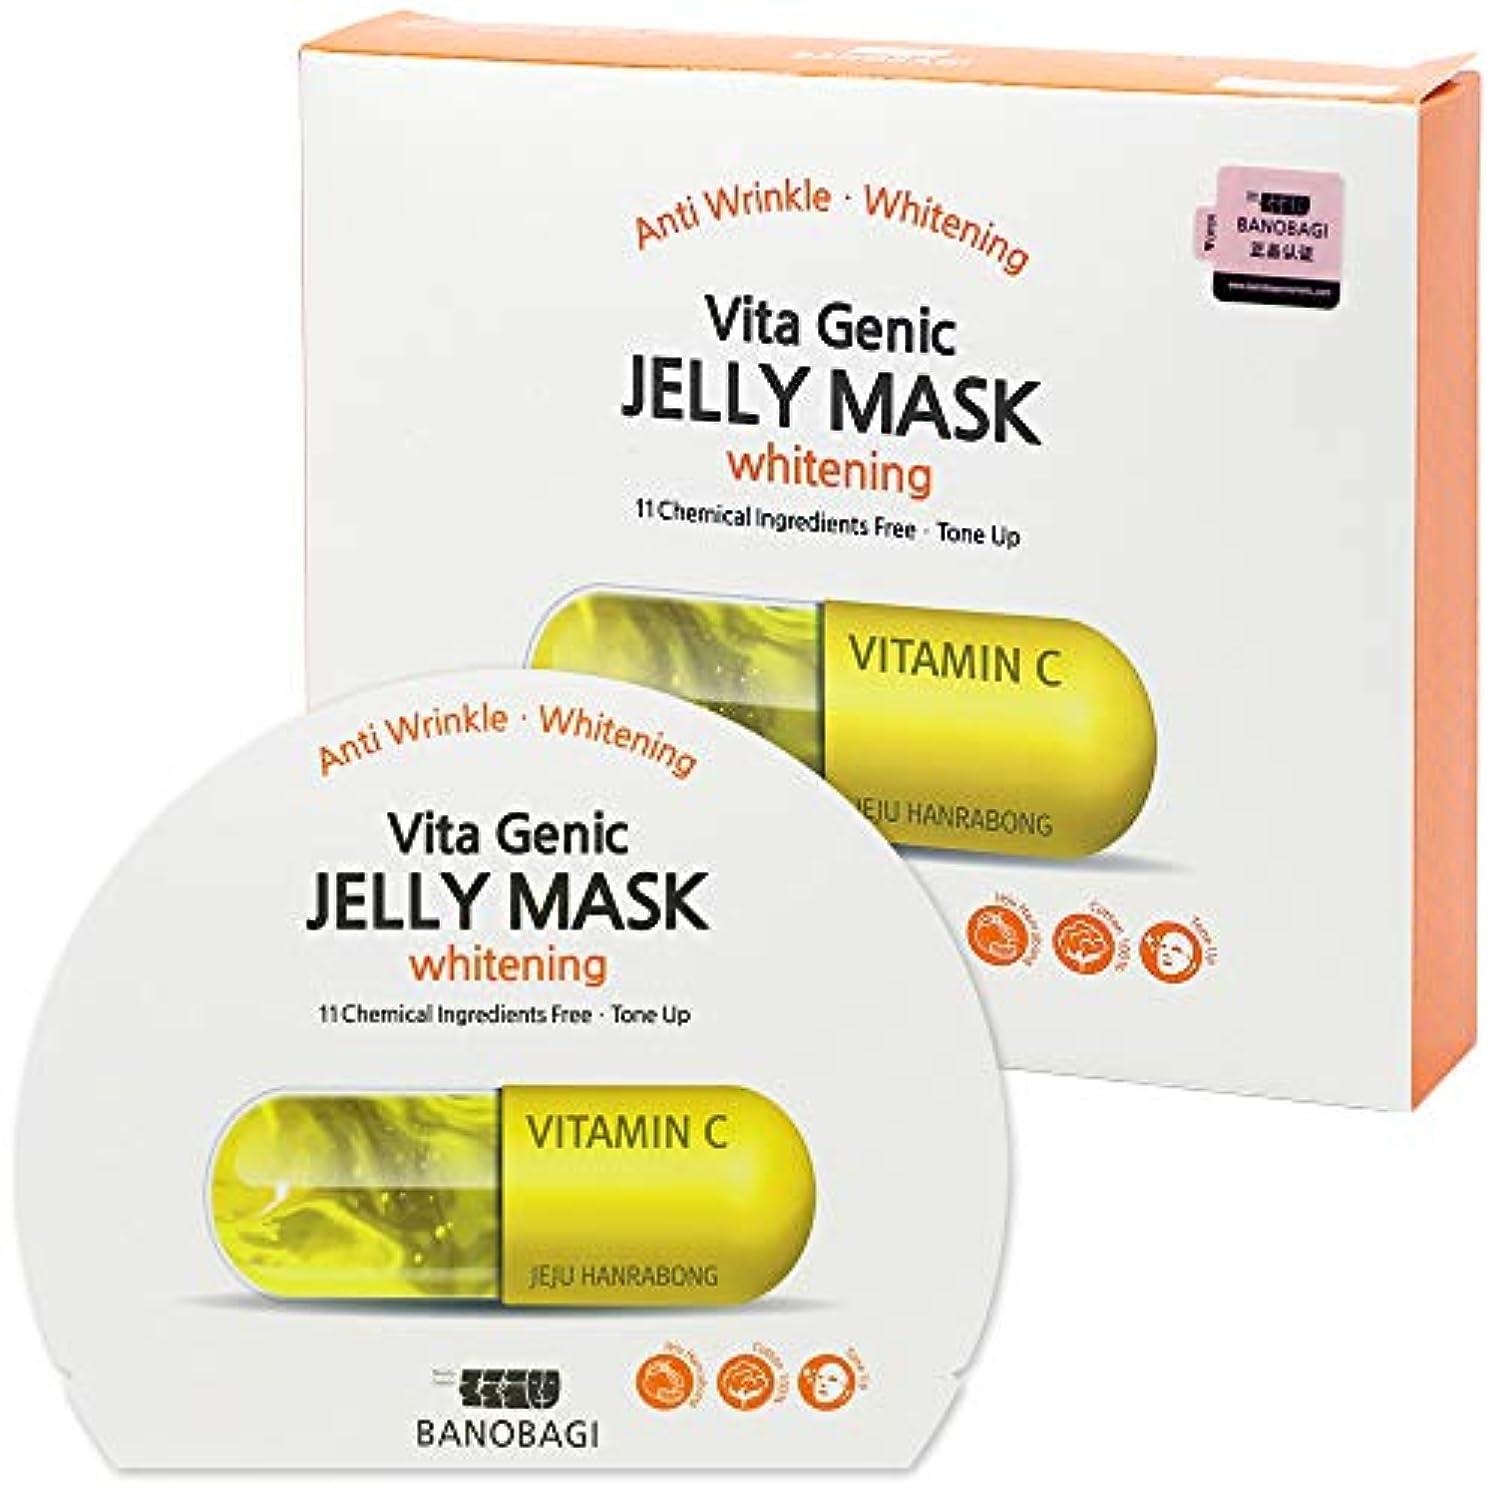 第九息苦しいアベニューバナバギ[BANOBAGI] ヴィータジェニックゼリーマスク★ホワイトニング(黄色)30mlx10P / Vita Genic Jelly Mask (Whitening-Yellow)